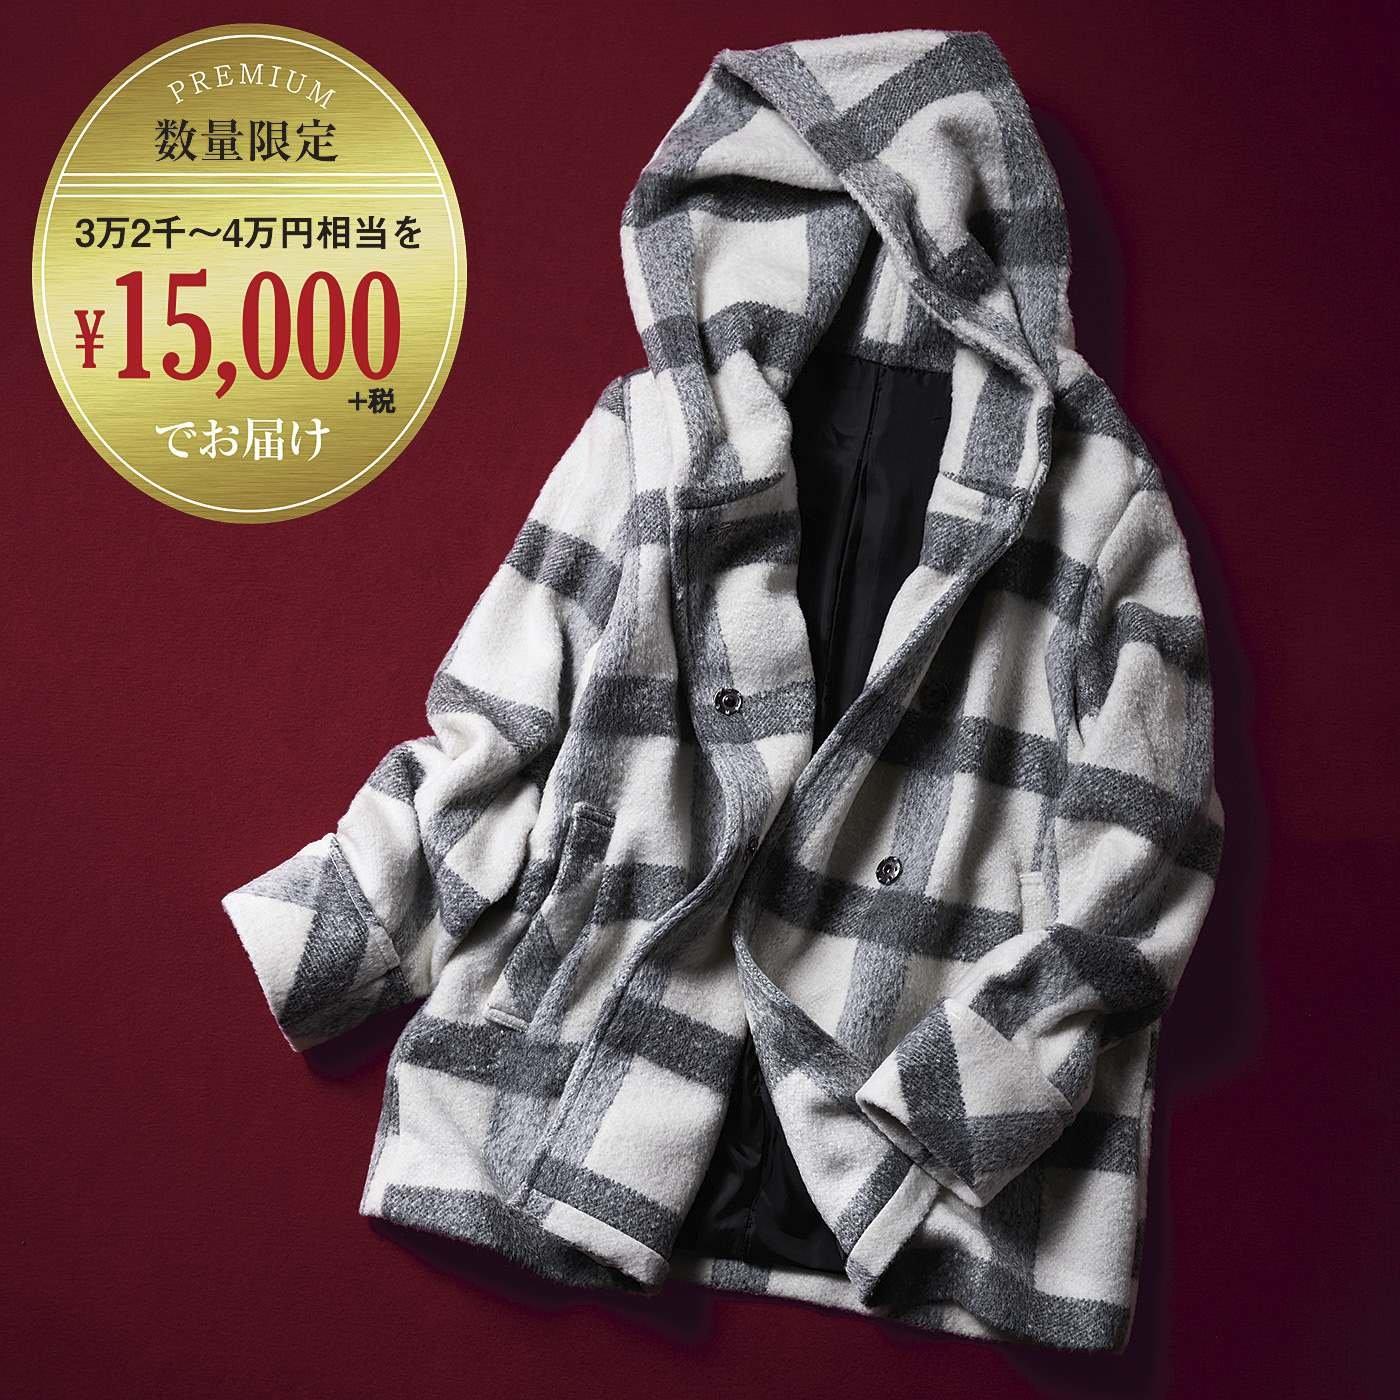 リブ イン コンフォート 大人チェックコートで軽やかに! 冬のお出かけの楽しさ倍増ファッションパック